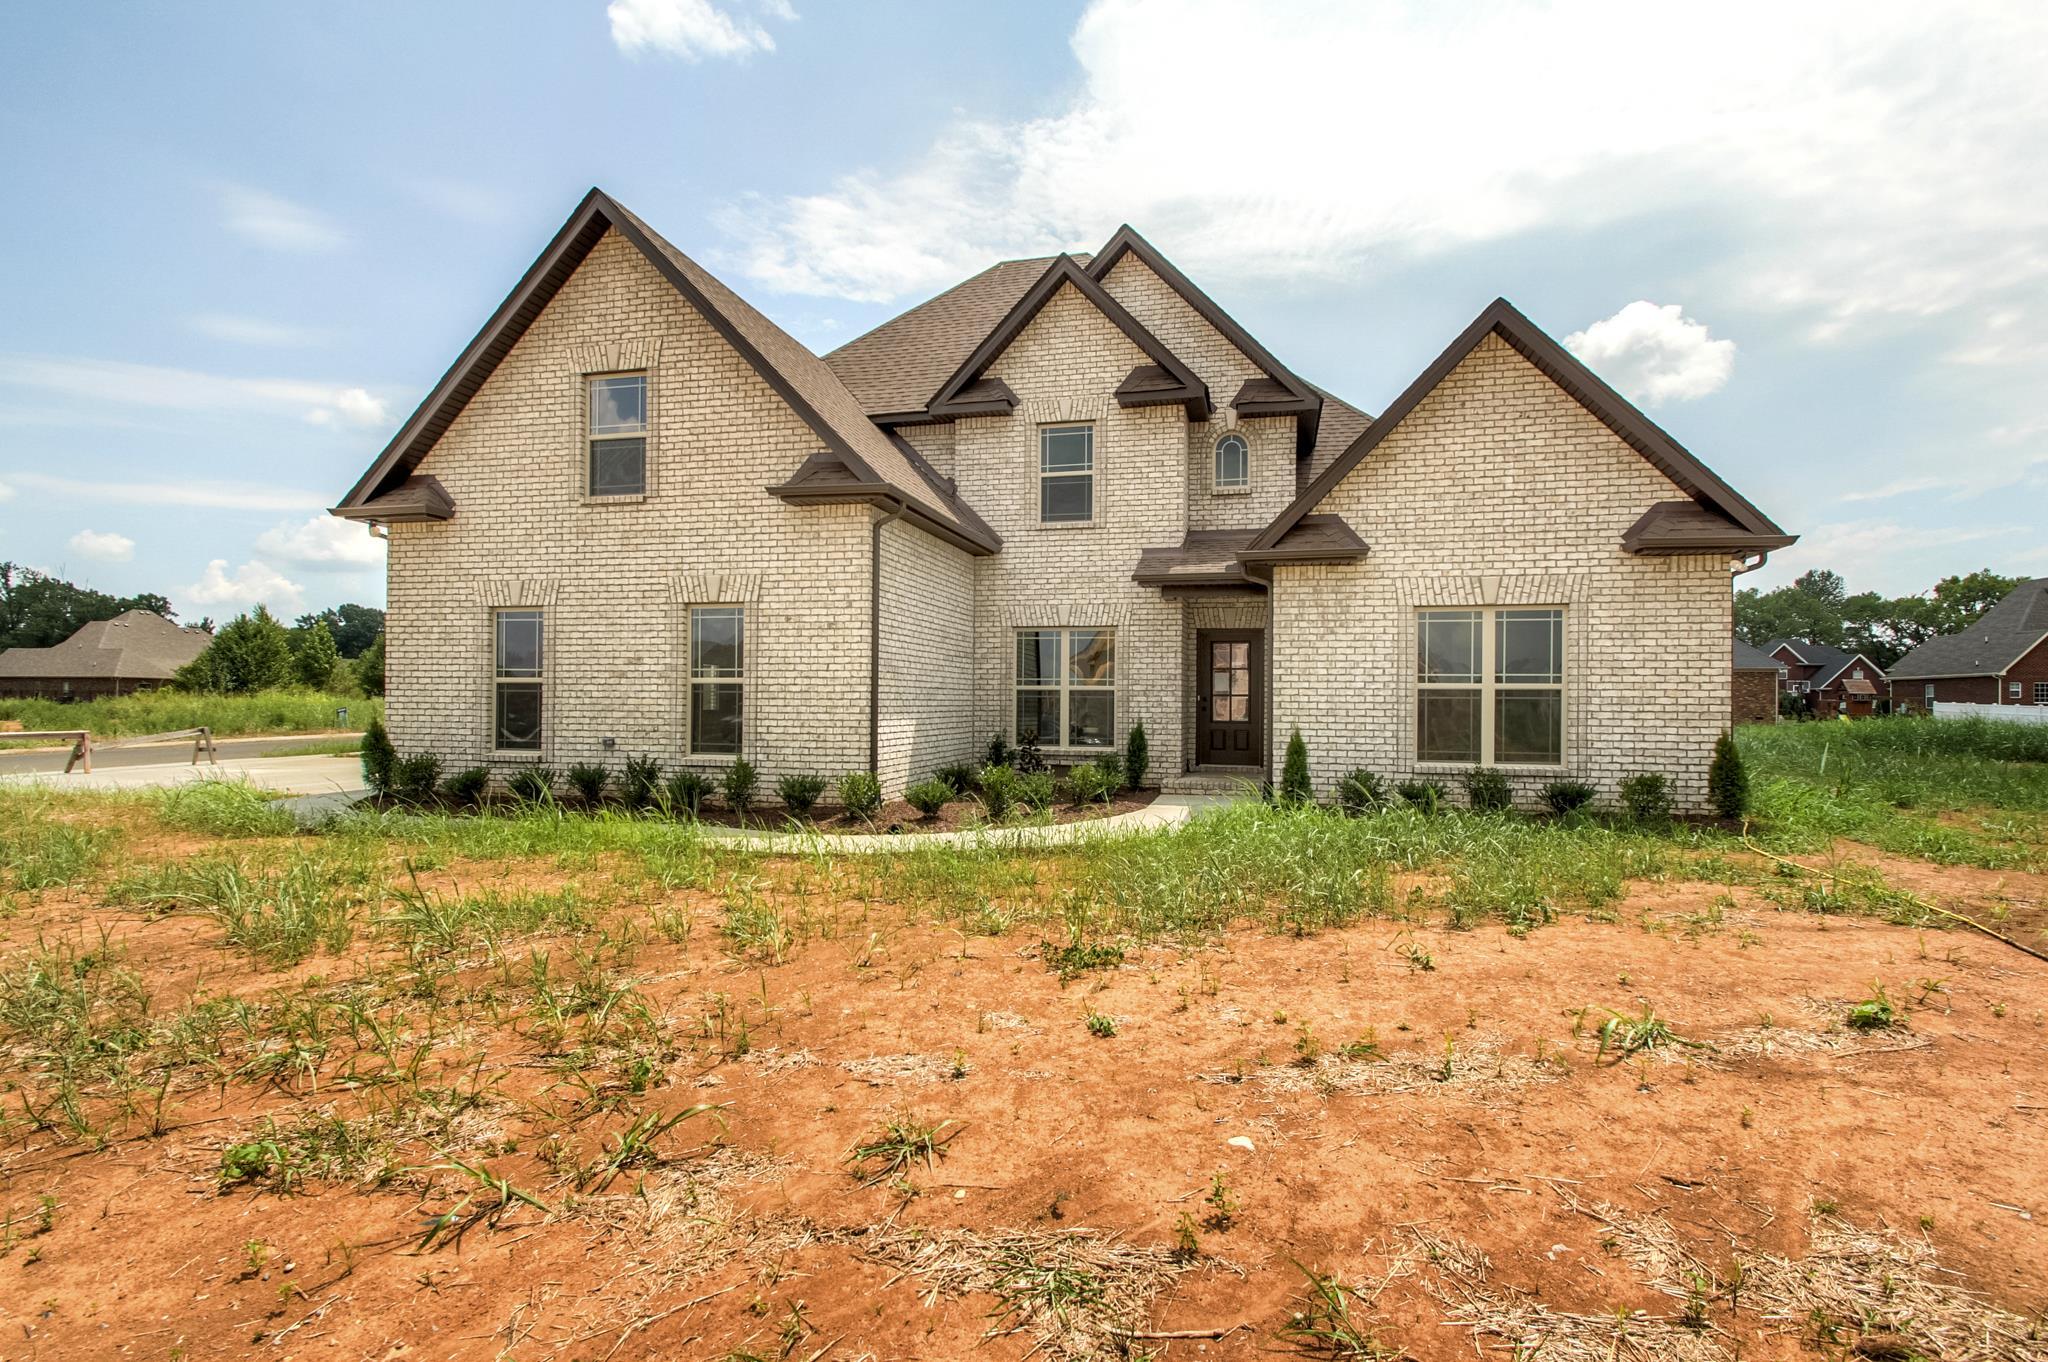 1005 Empire Blvd (Lot 8), Murfreesboro, TN 37130